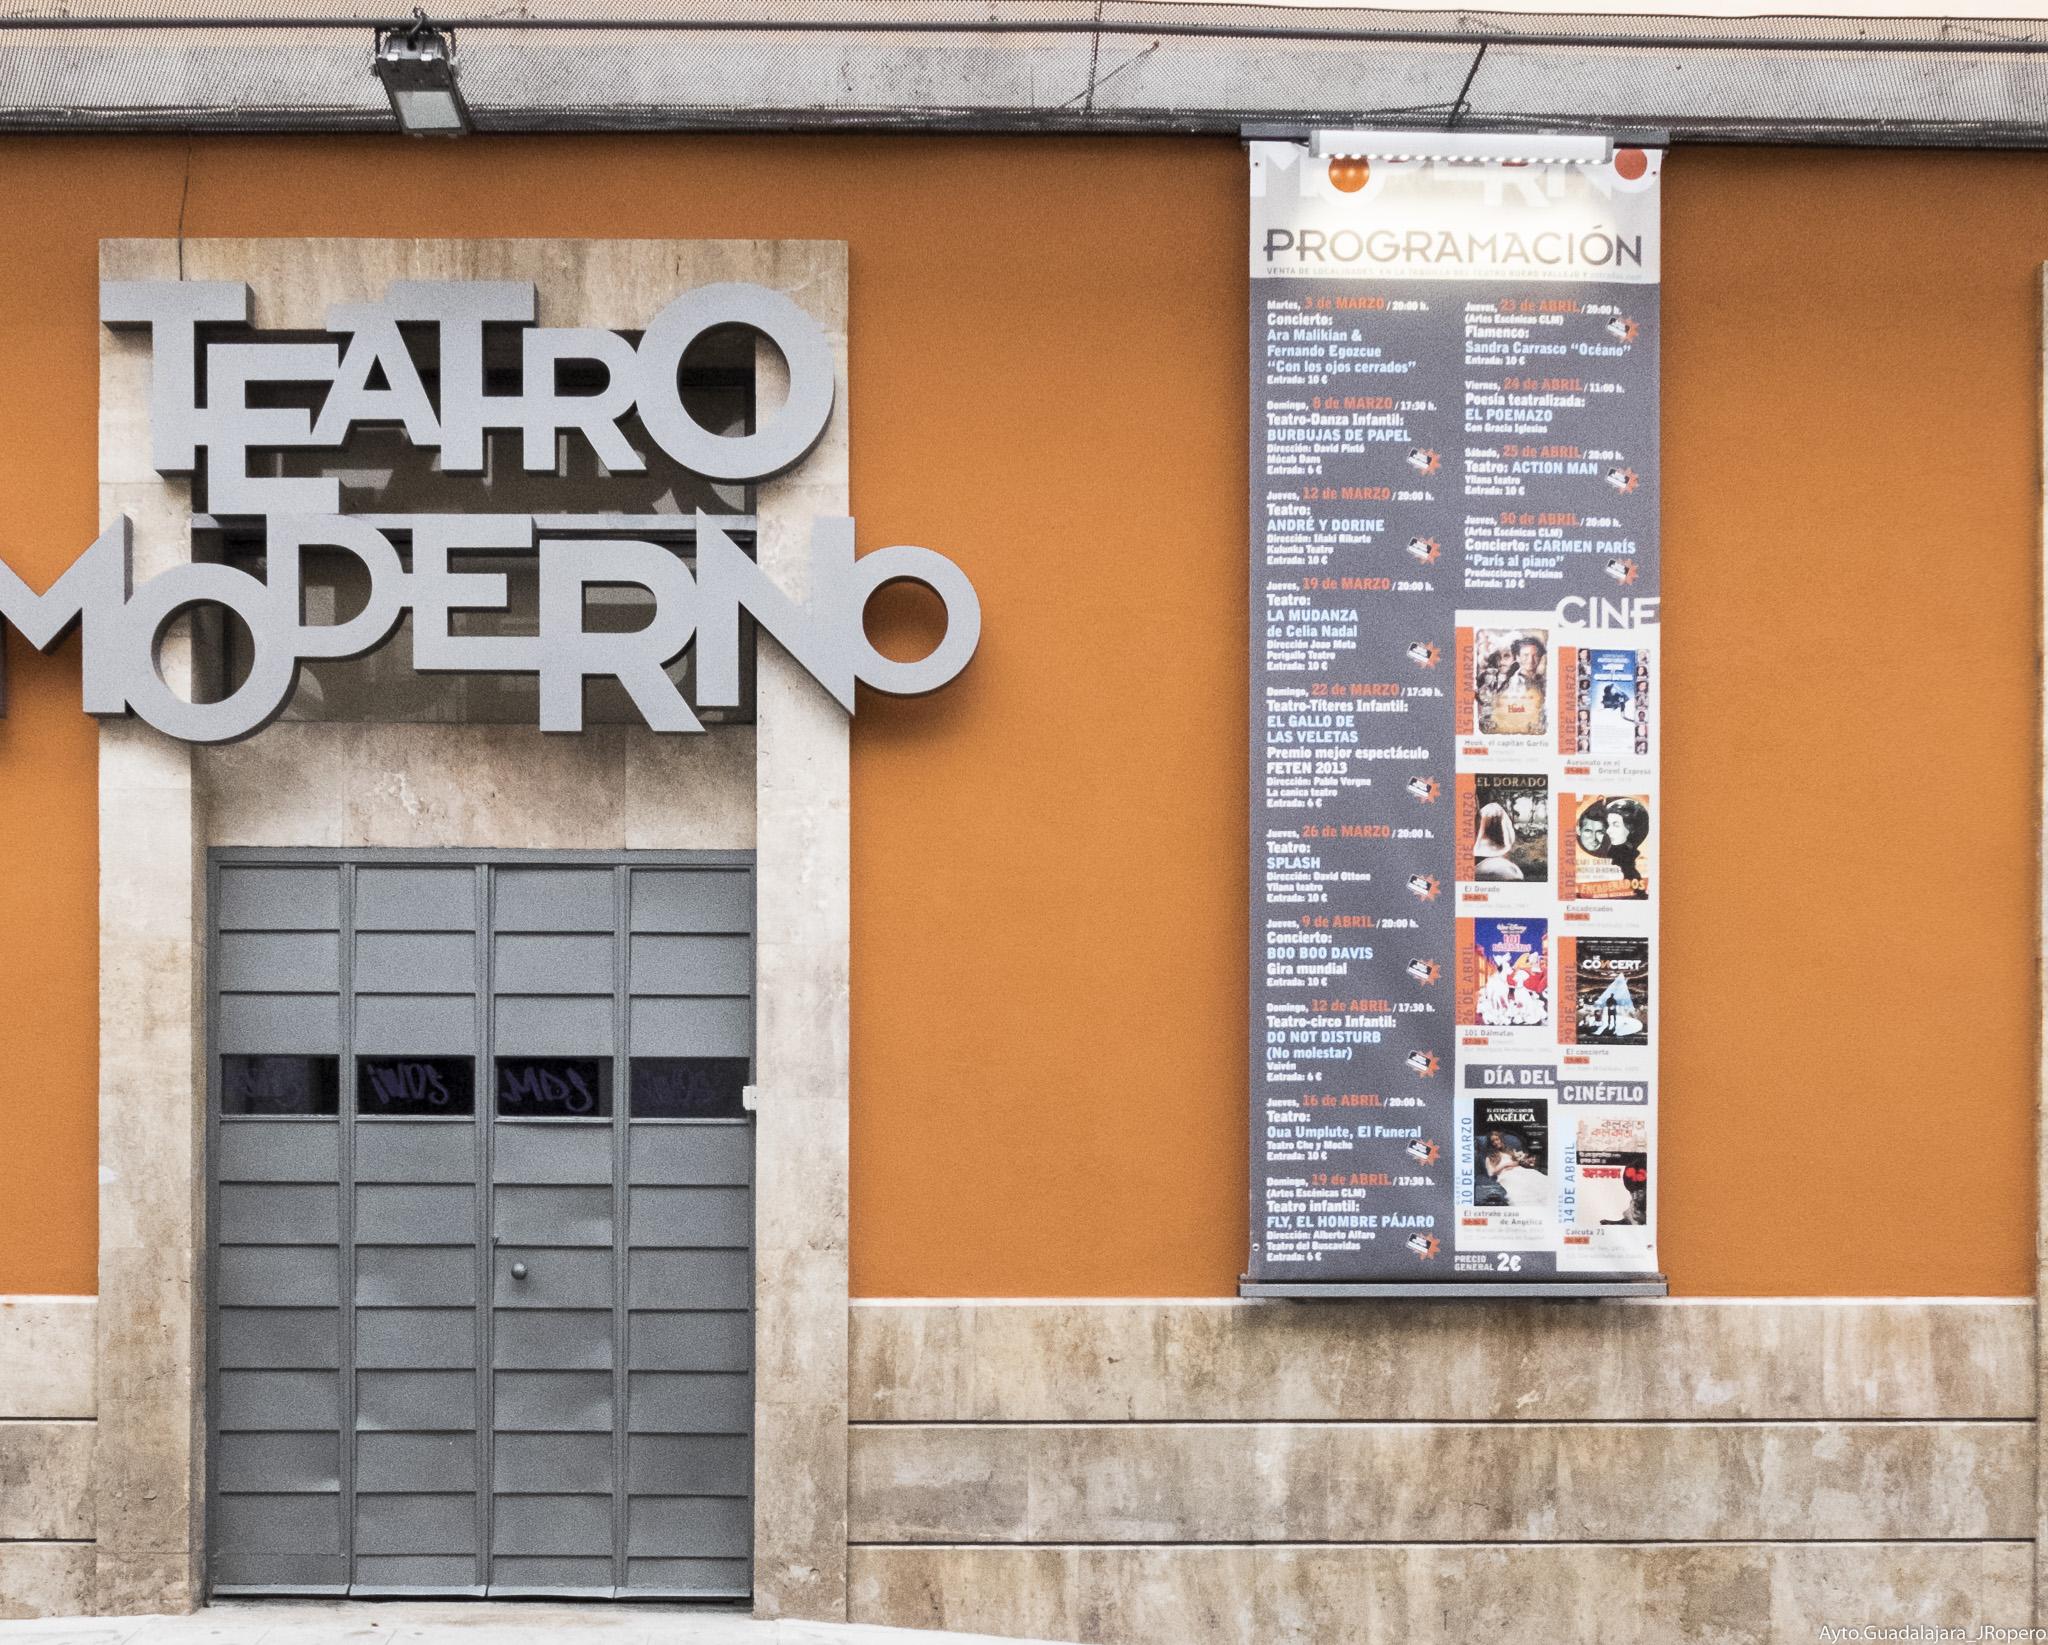 Este sábado, en el  Teatro Moderno, se representará un fragmento de El peluquero de Czestochowa, obra ganadora del XXXIII Premio de Teatro Ciudad de Guadalajara Antonio Buero Vallejo 2017